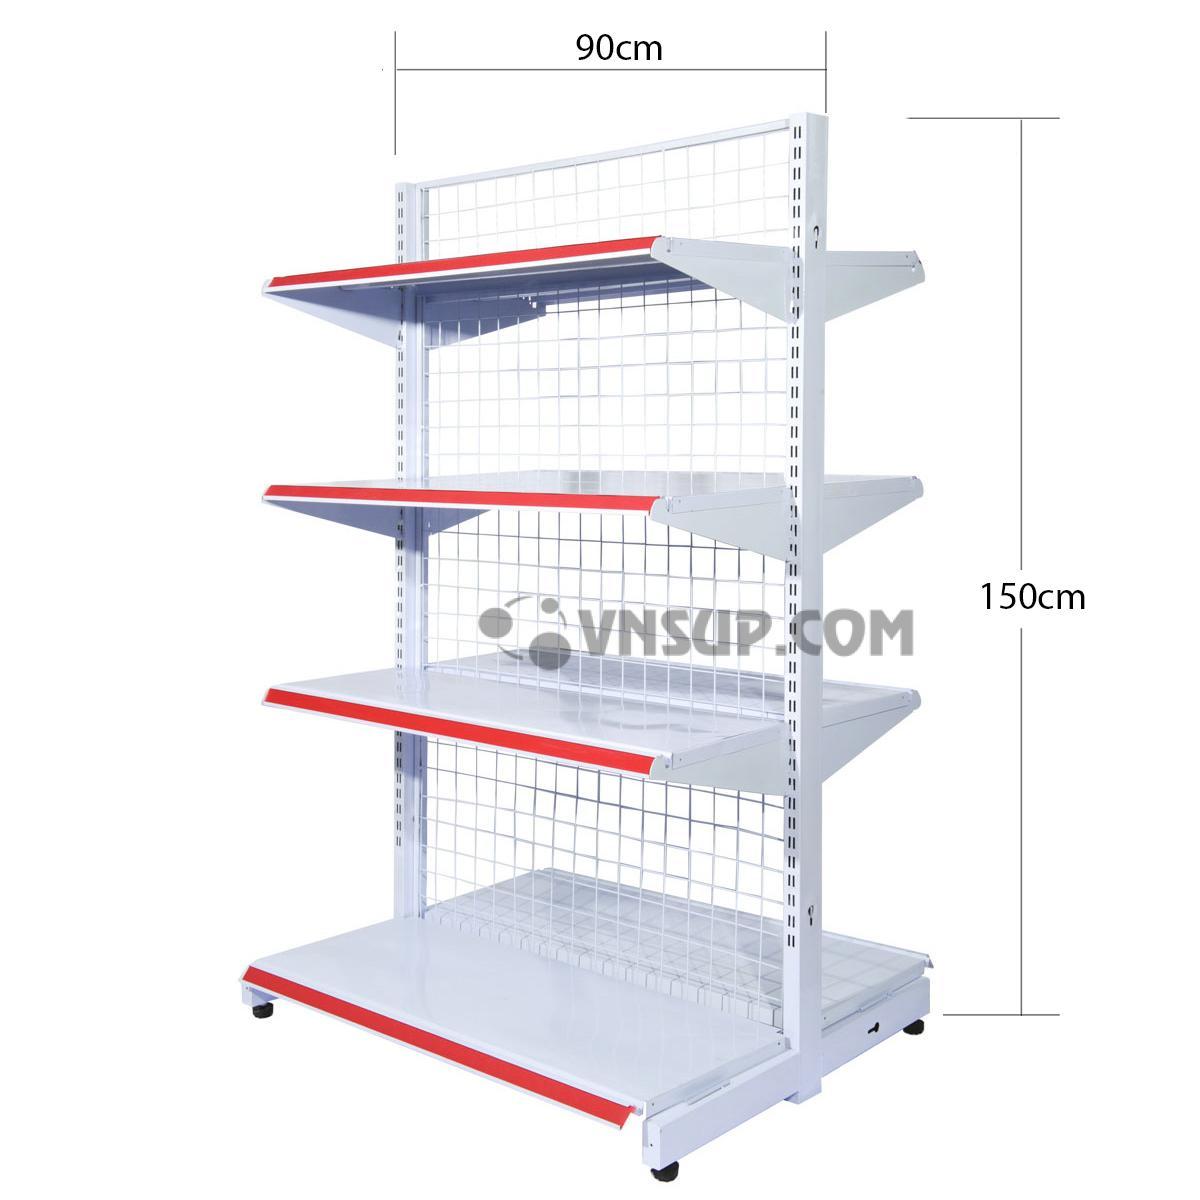 Kệ siêu thị đôi 4 tầng rộng 0.9m x cao 1.5m dày 0.6 Chiều cao kệ 1,5m Chiều dài mâm tầng 0.9m Độ rộng mâm đấy 45cm Độ rộng mâm tầng 35cm 8 tầng 2 bên